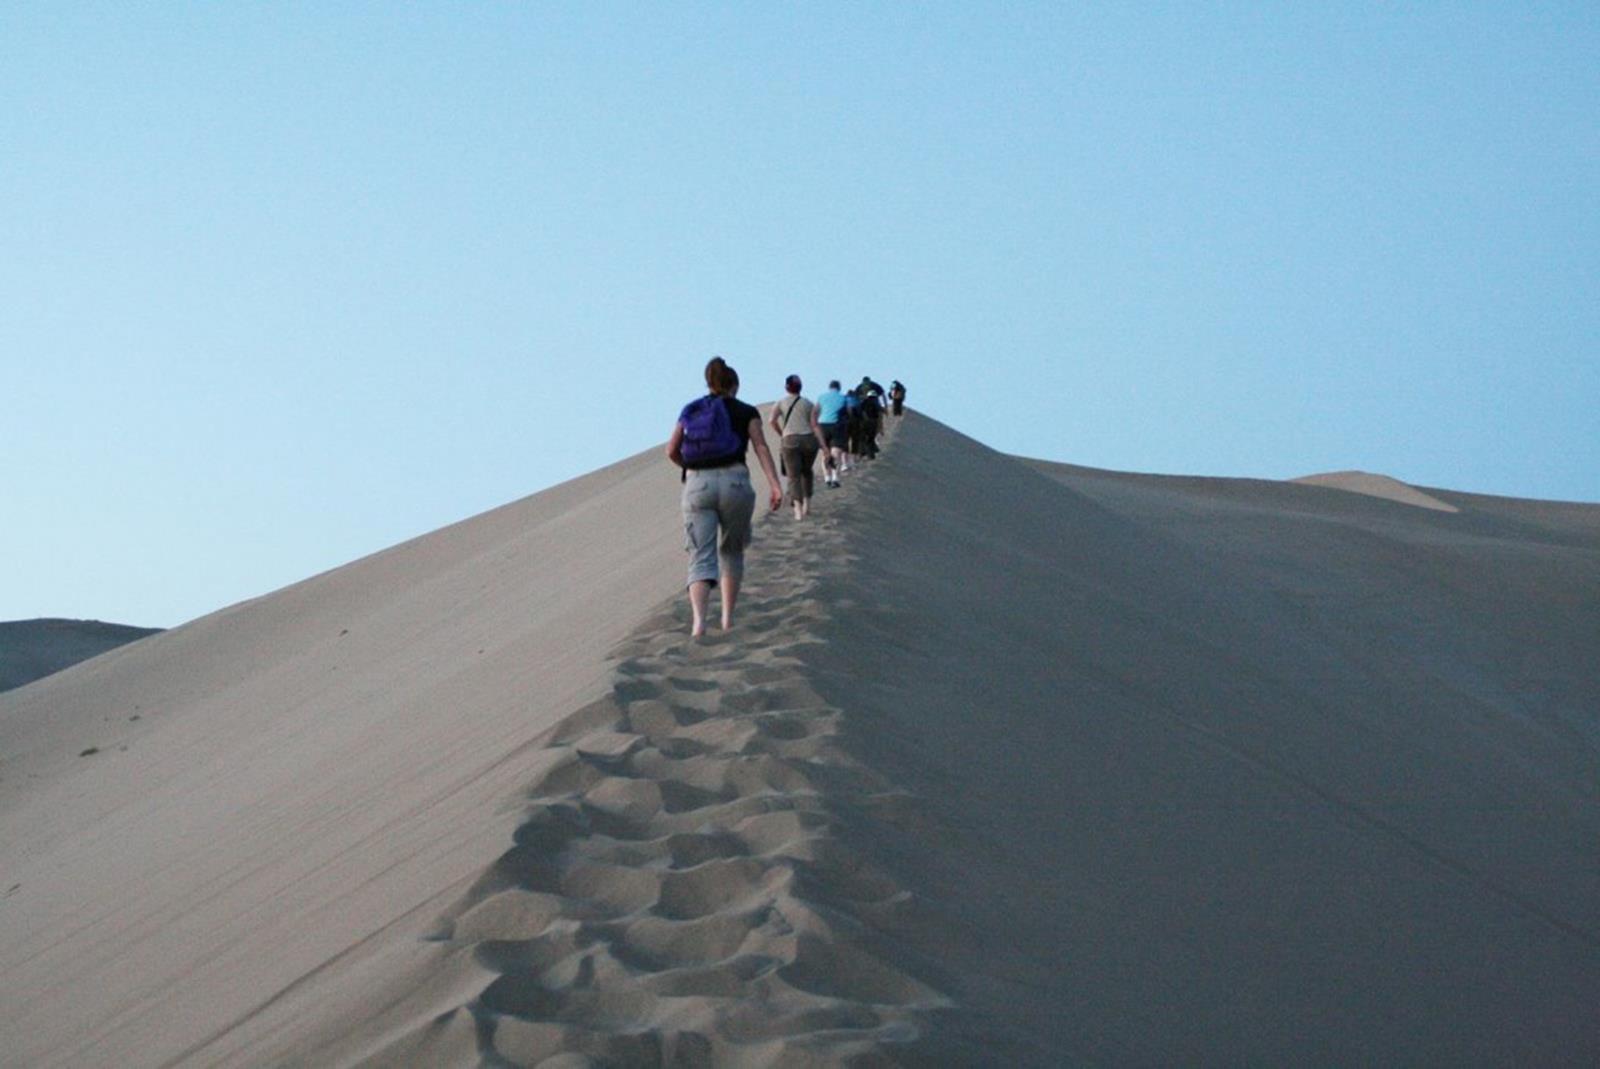 China Dunhuang Mingsha Sand Dunes